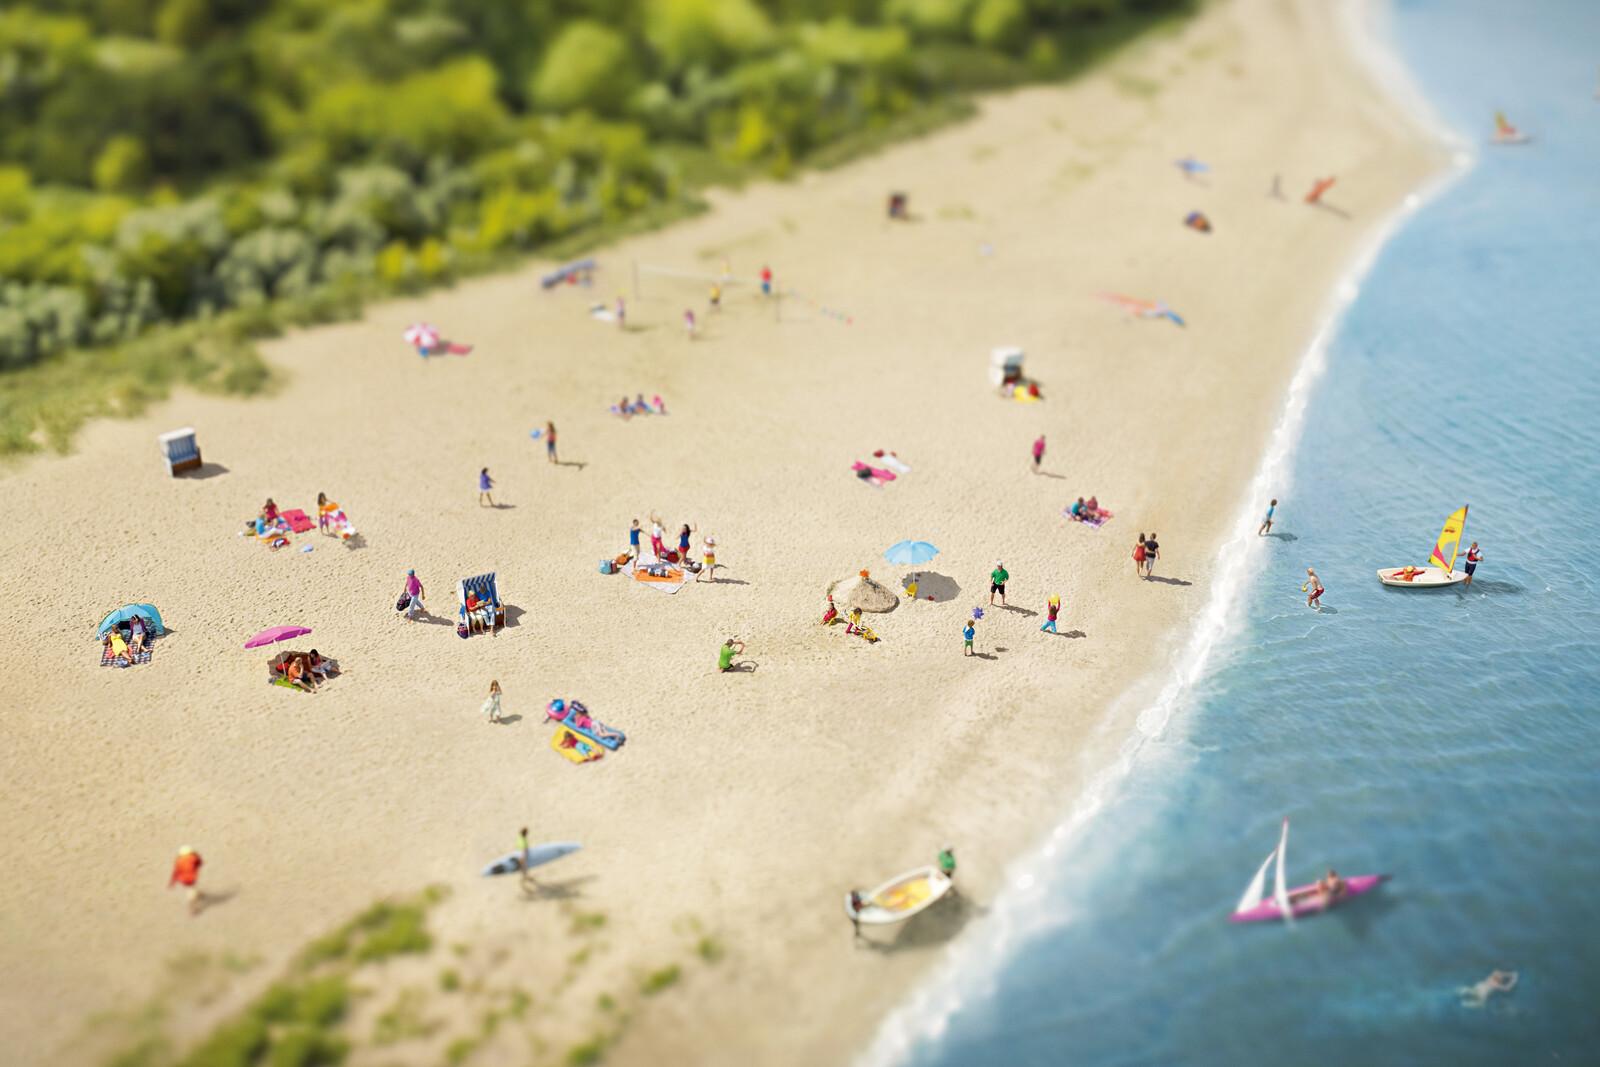 Beach - Christian Schmidt